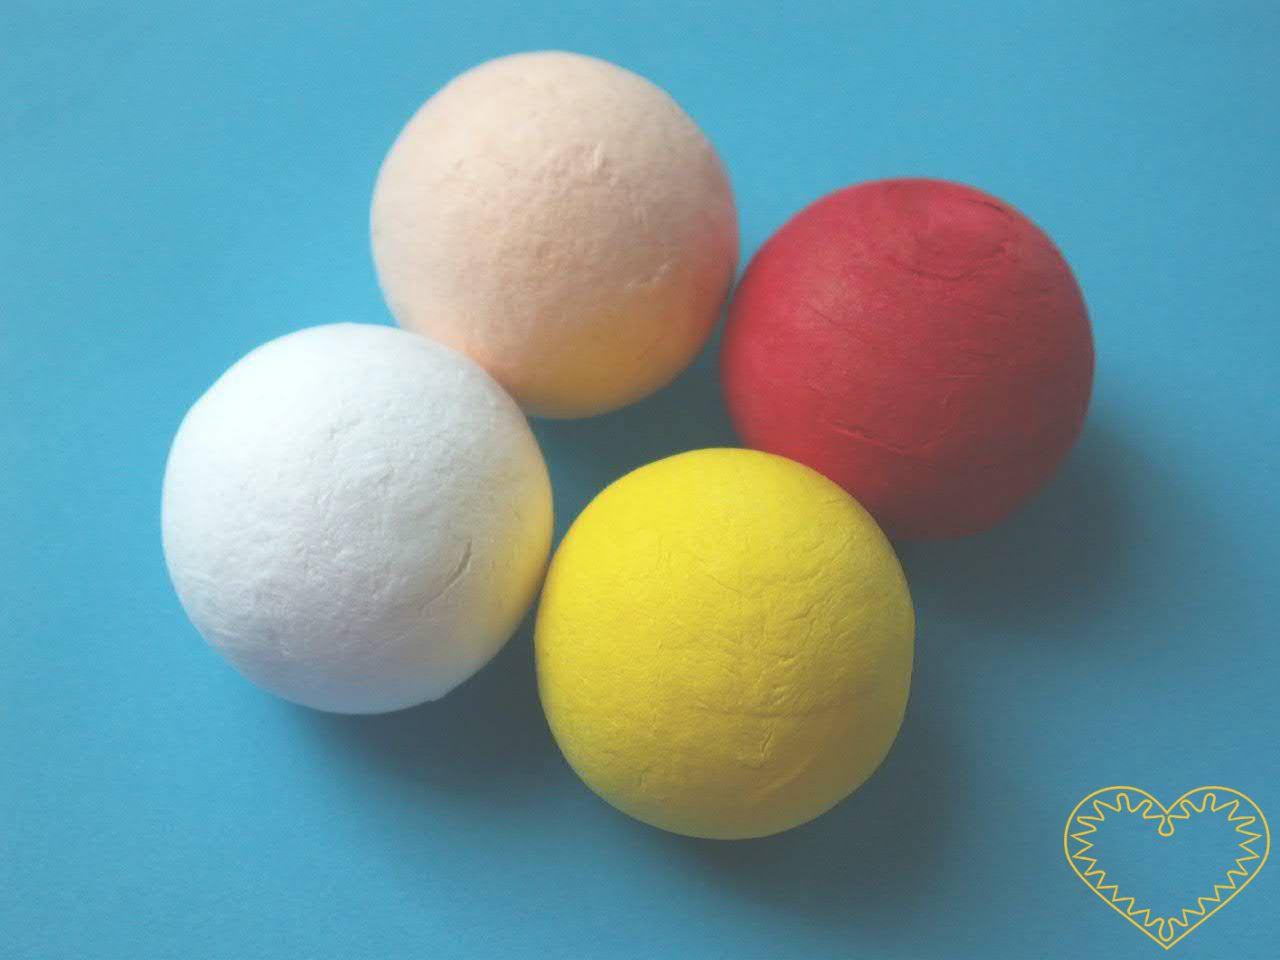 Sada 50 ks malých bílých kuliček ø 10 mm z buničité vaty. Vhodné k nejrůznějšímu tvoření - lepení, barvení, malování. Lze využít i jako ručičky či hlavičky k figurkám, loutkám apod.